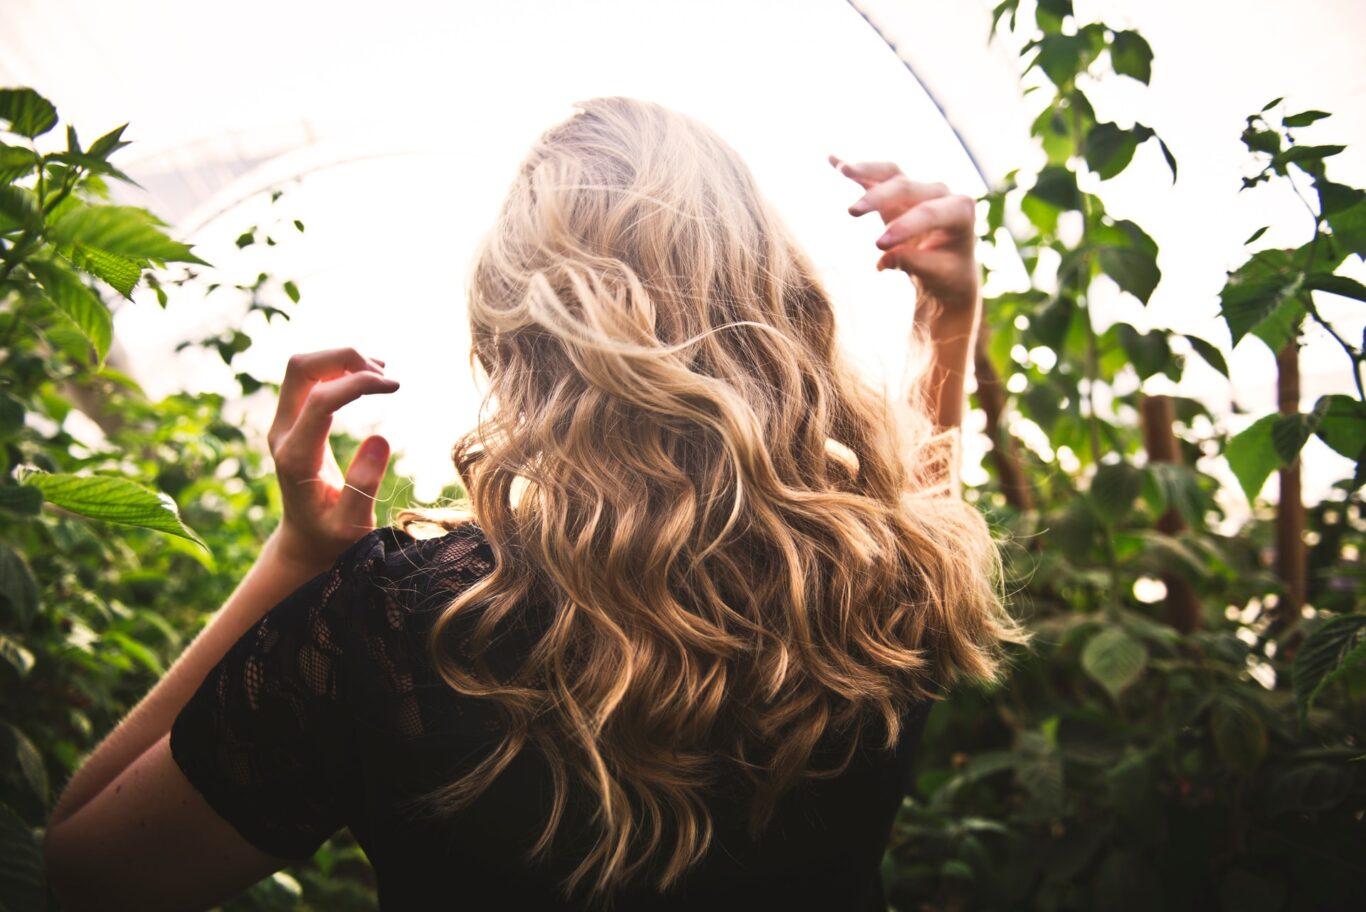 Τα μαλλιά σας και εσείς